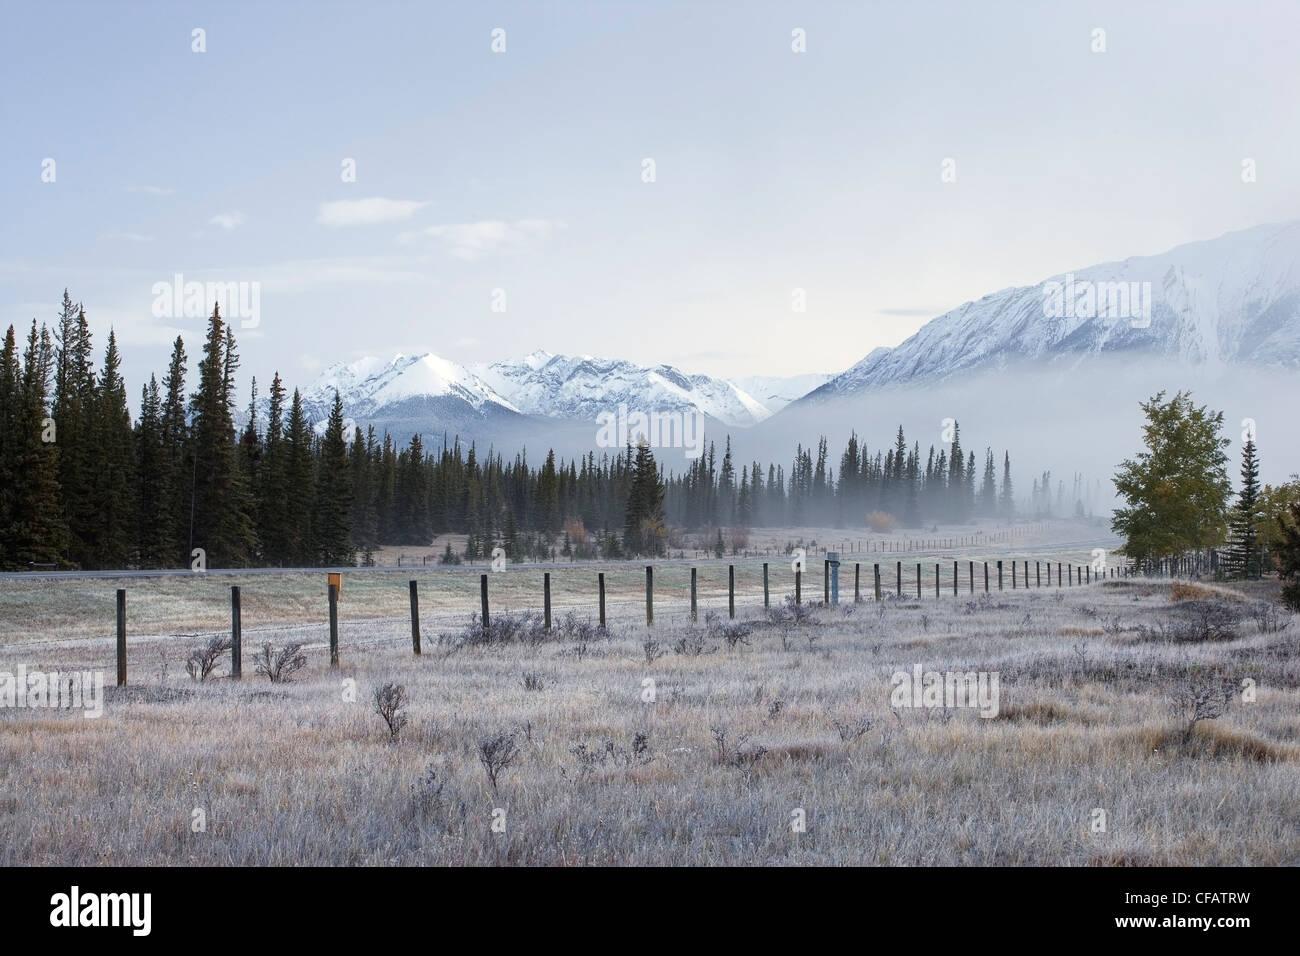 Ligne de clôture le long de la réserve écologique des plaines de Kootenay, Bighorn Wildlands, Alberta, Photo Stock